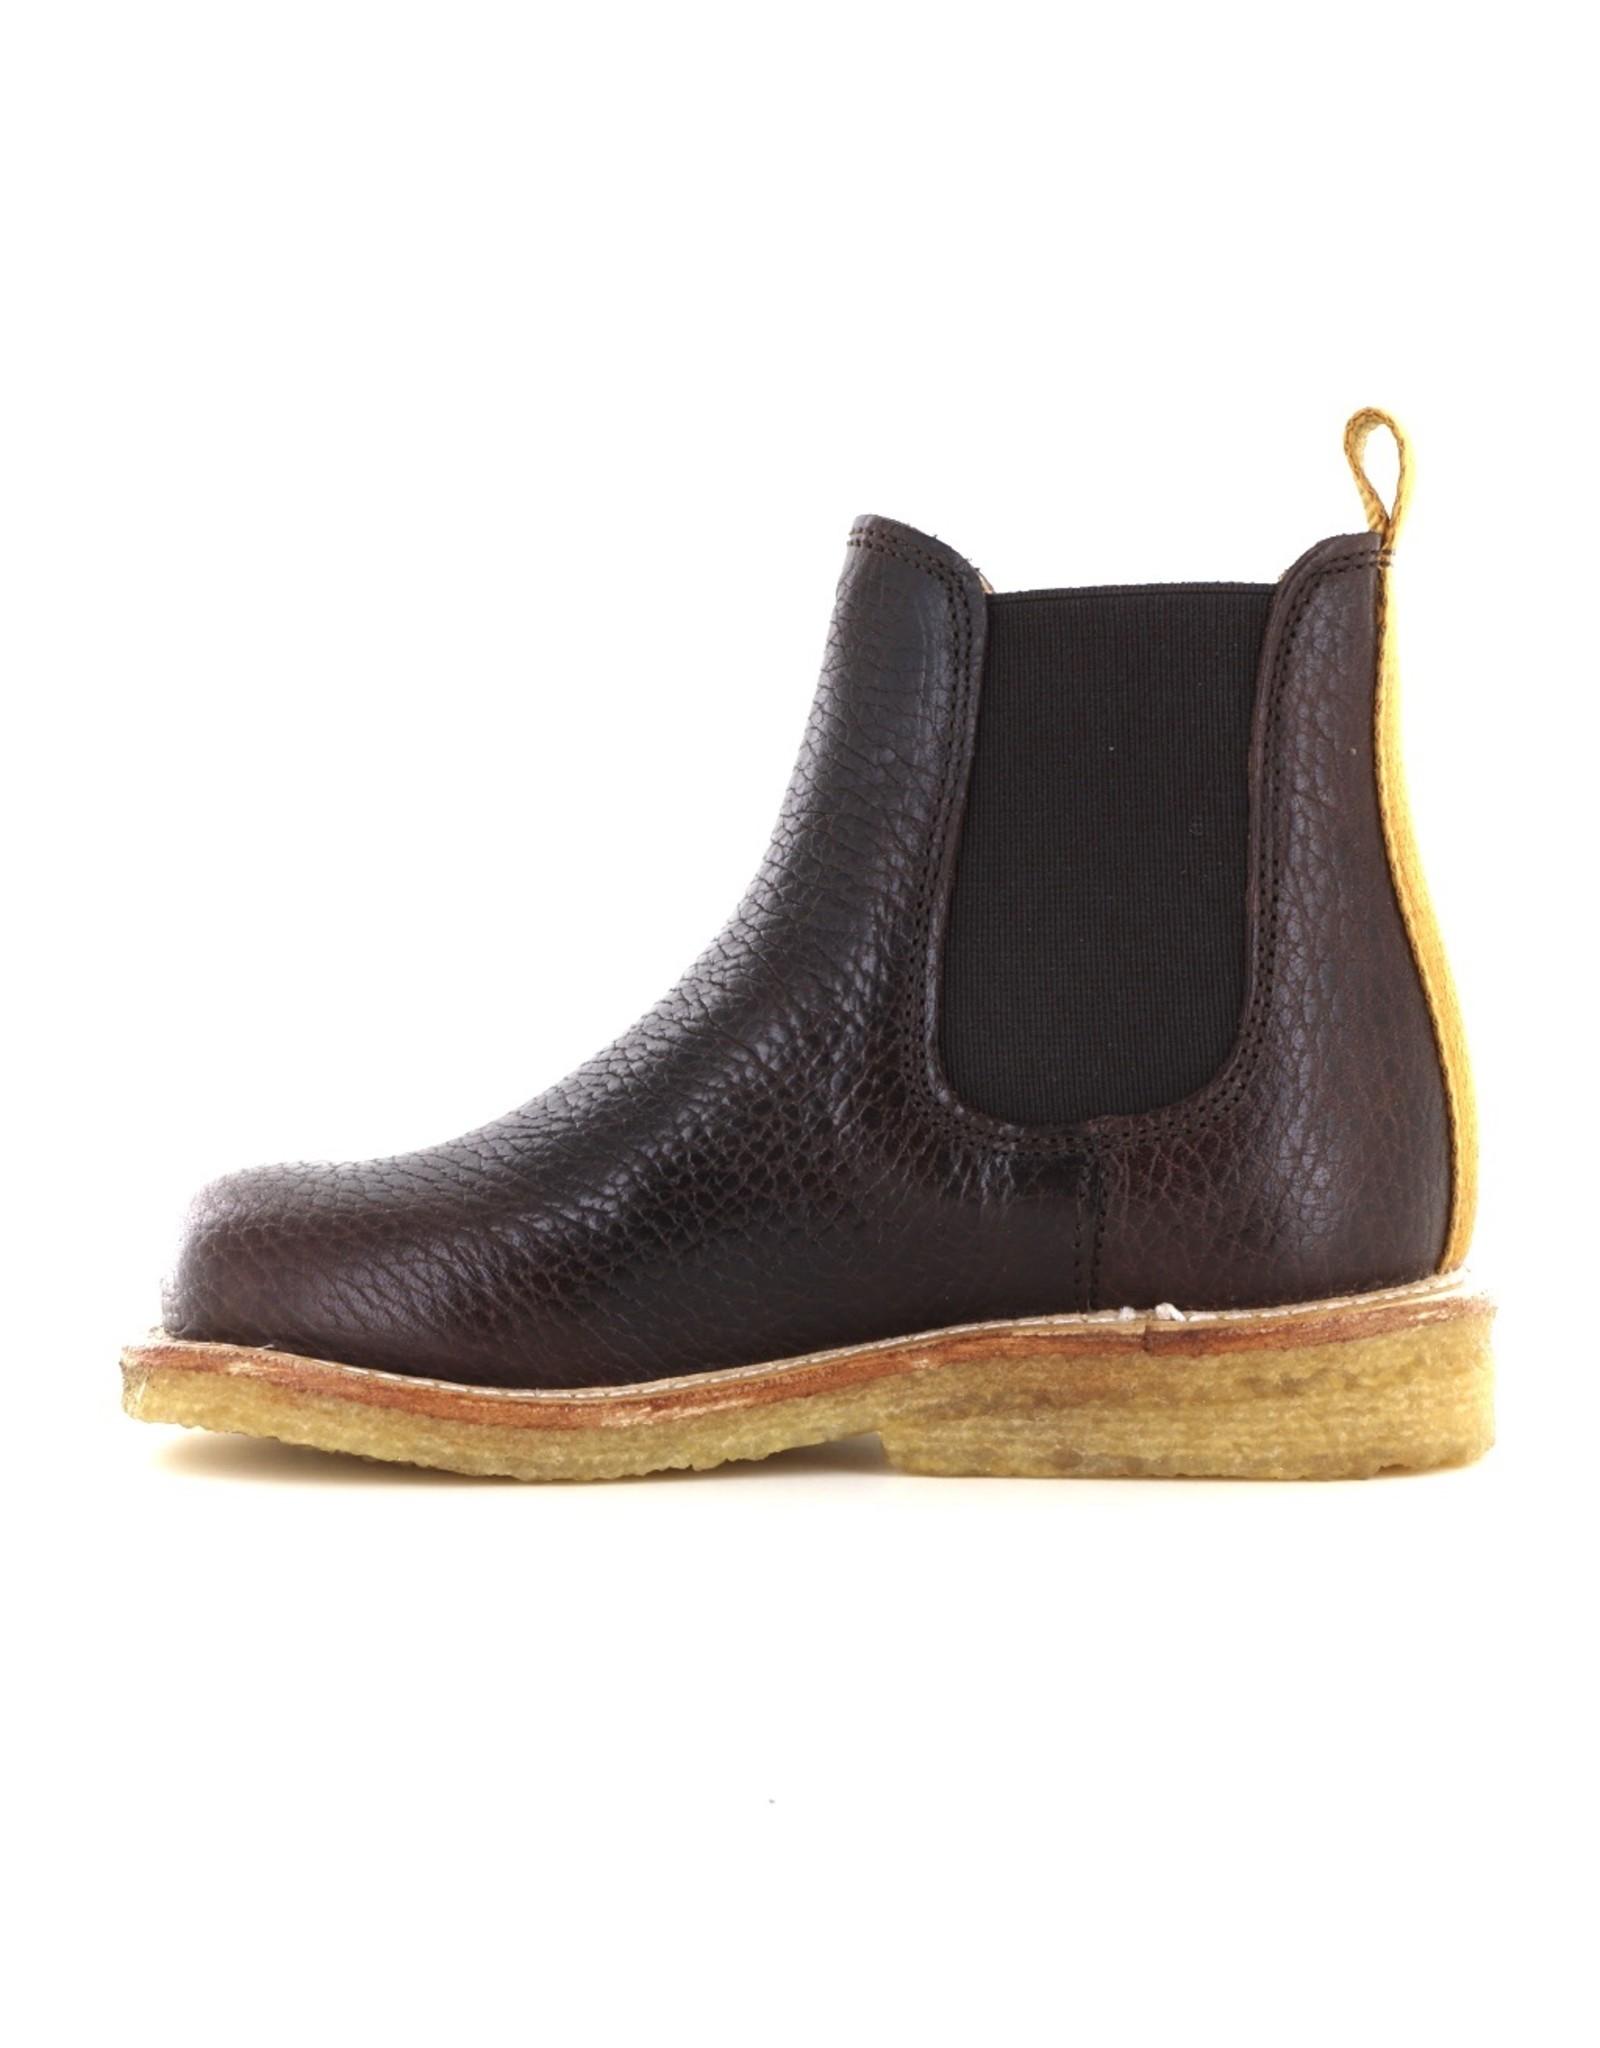 Angulus 6116 brown mustard